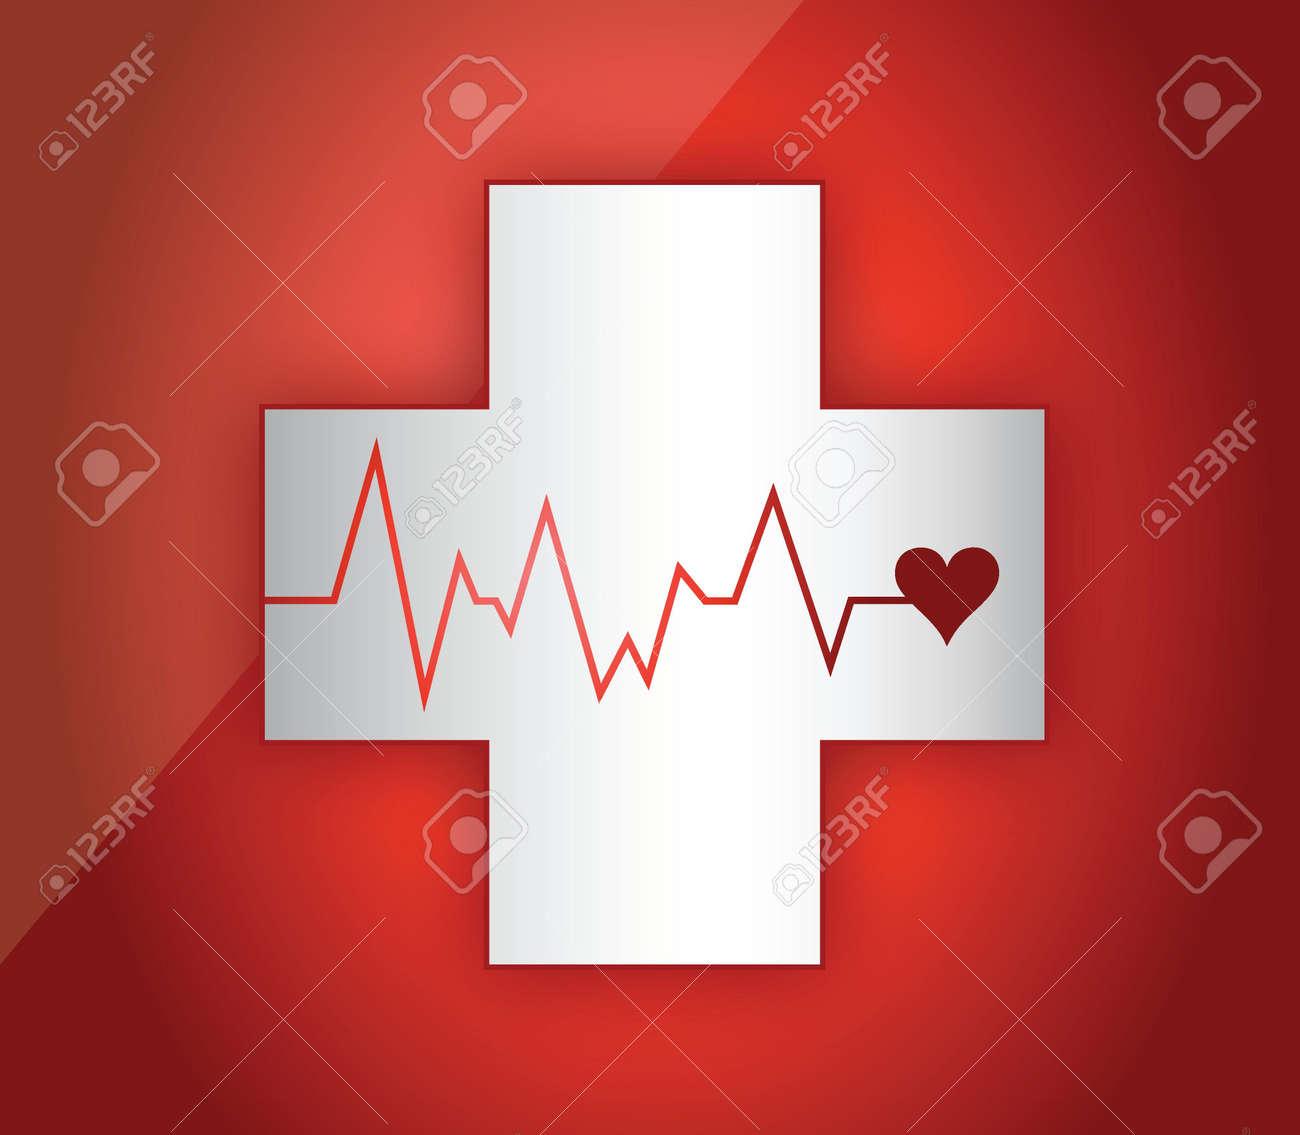 medical lifeline illustration design over a red background Stock Vector - 16375331